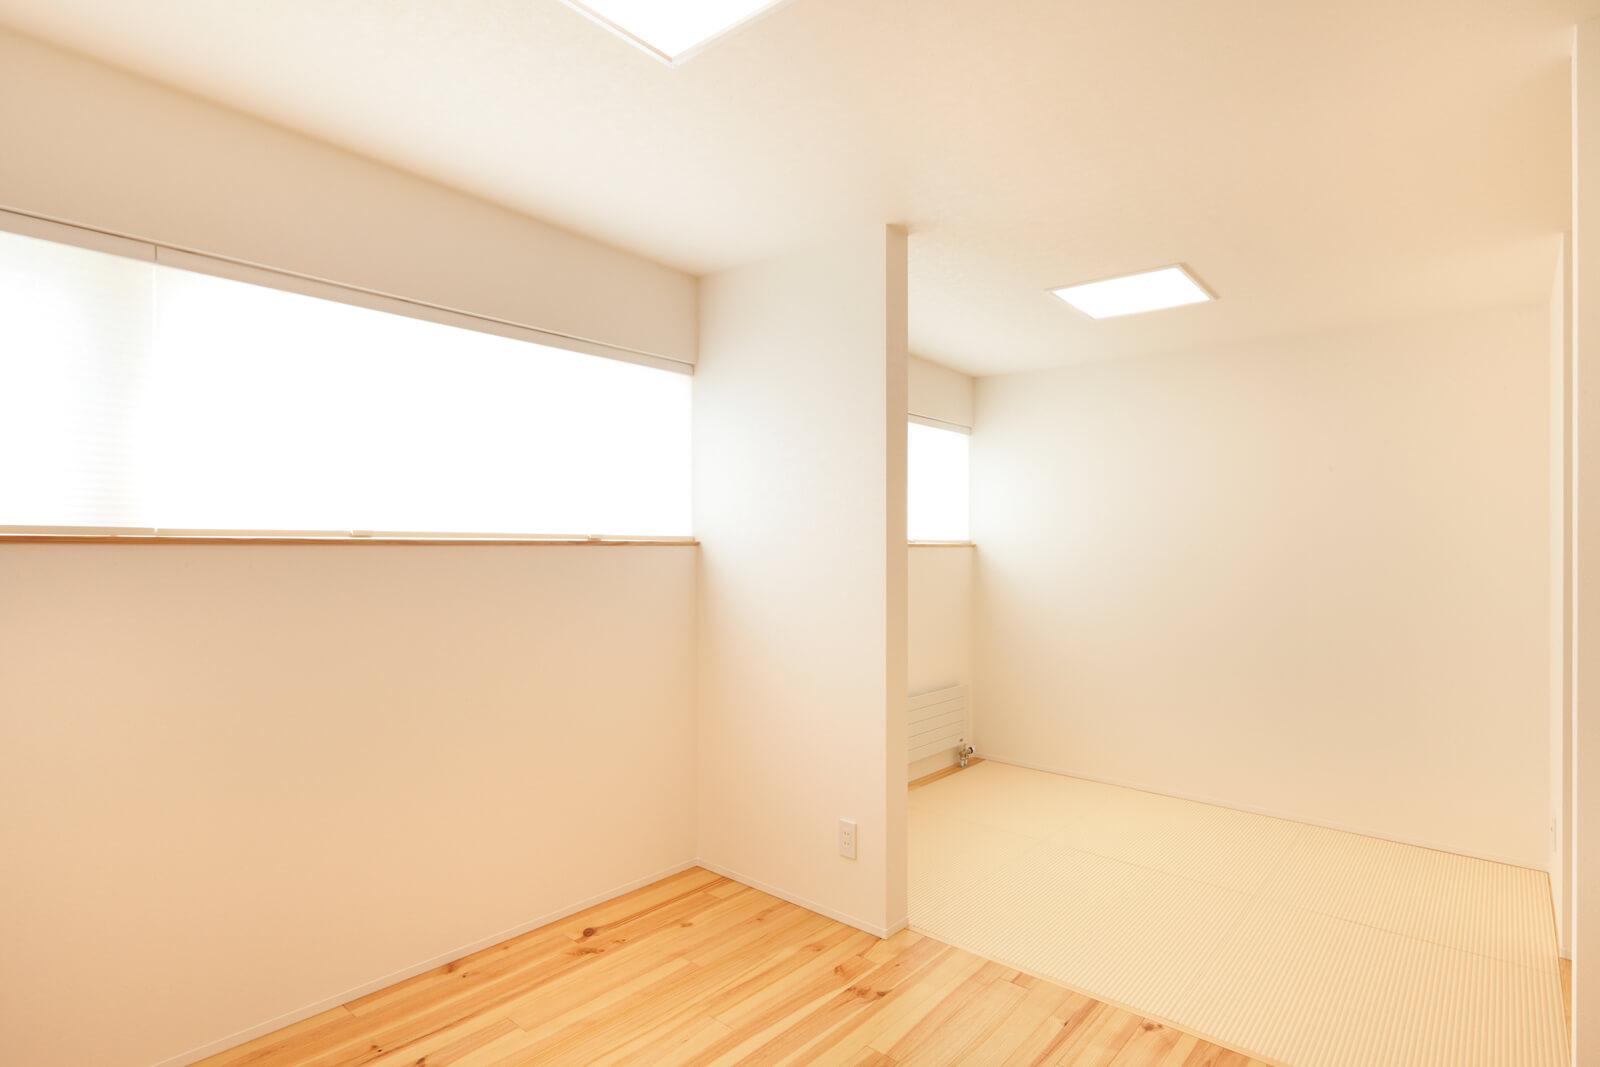 2階の子ども部屋の横には、両親が泊まりに来たときに使えるよう畳スペースが。将来的には間仕切りして個室にすることも想定している。今はまだ子どもたちが小さいので、布団を広々と並べて家族4人一緒に寝ているという